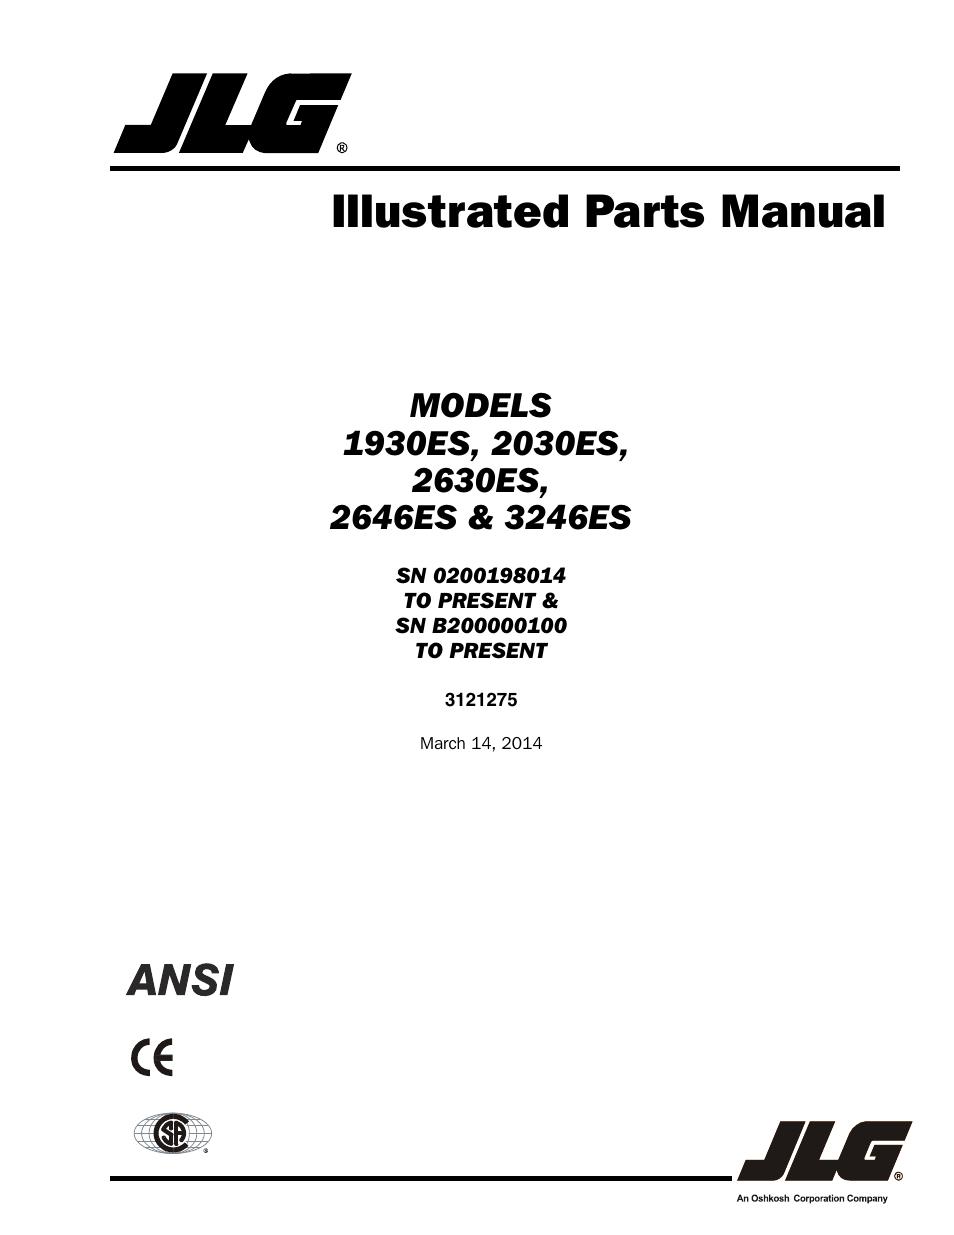 Jlg 1930es Wiring Diagram - Wiring Diagram And Schematics